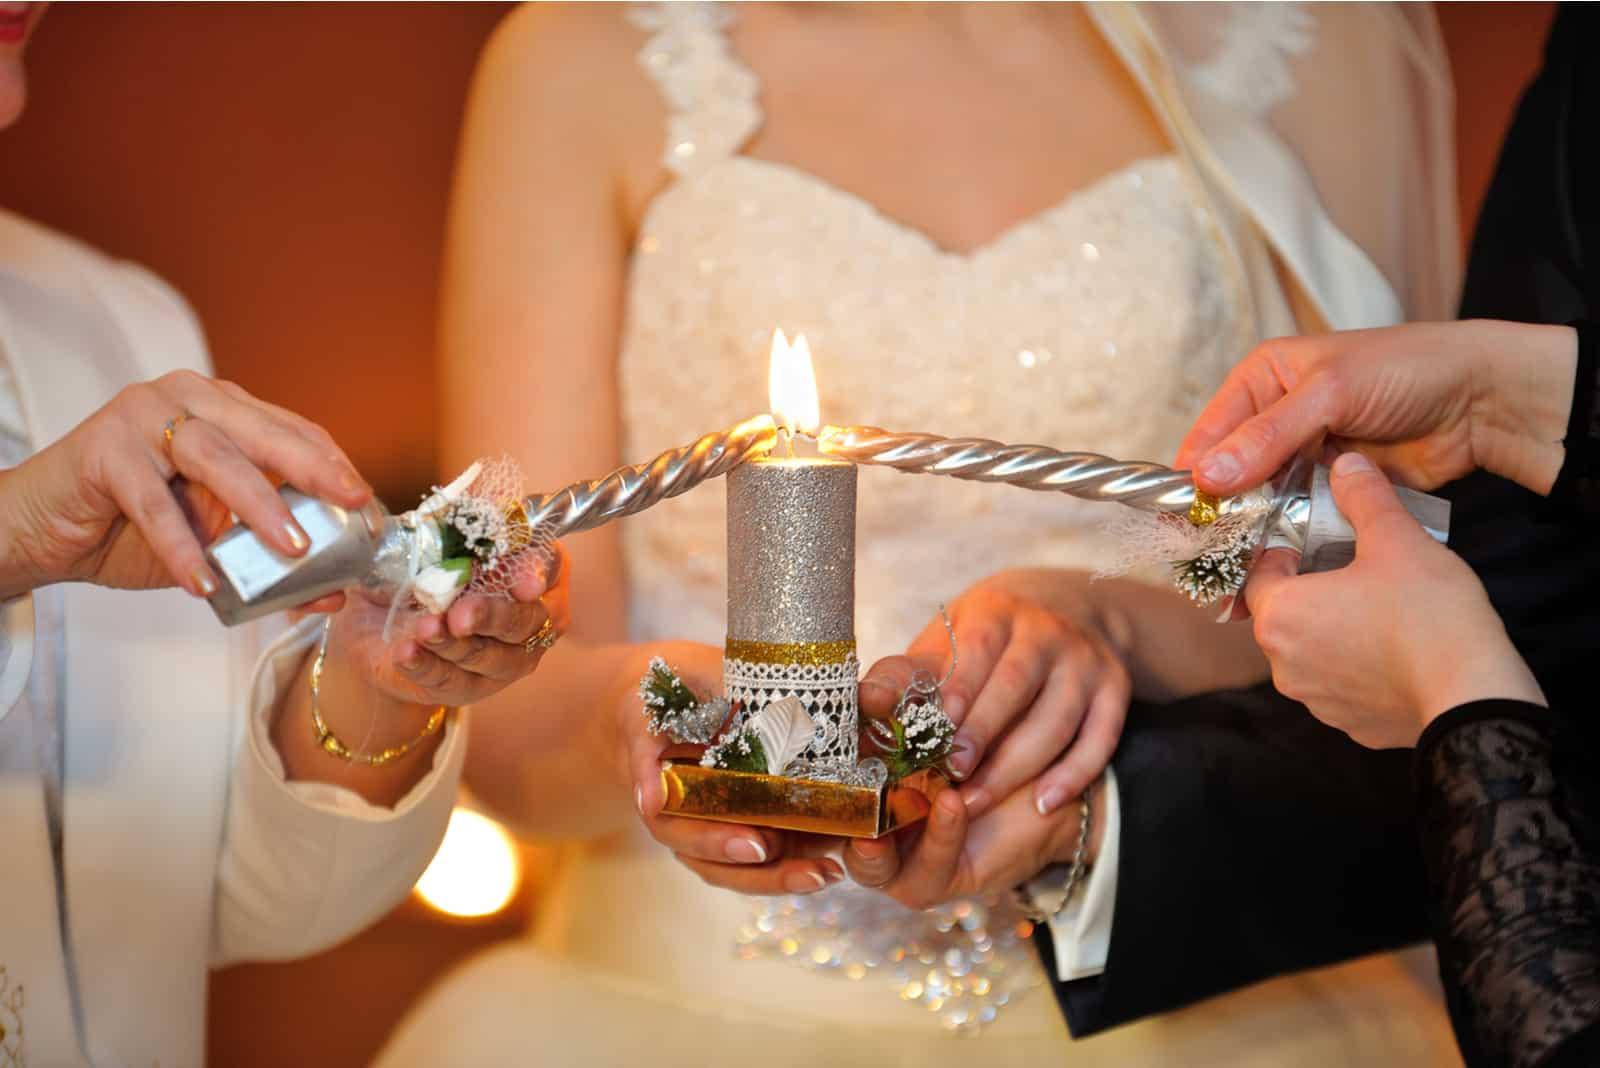 Das Brautpaar zündet eine Kerze an